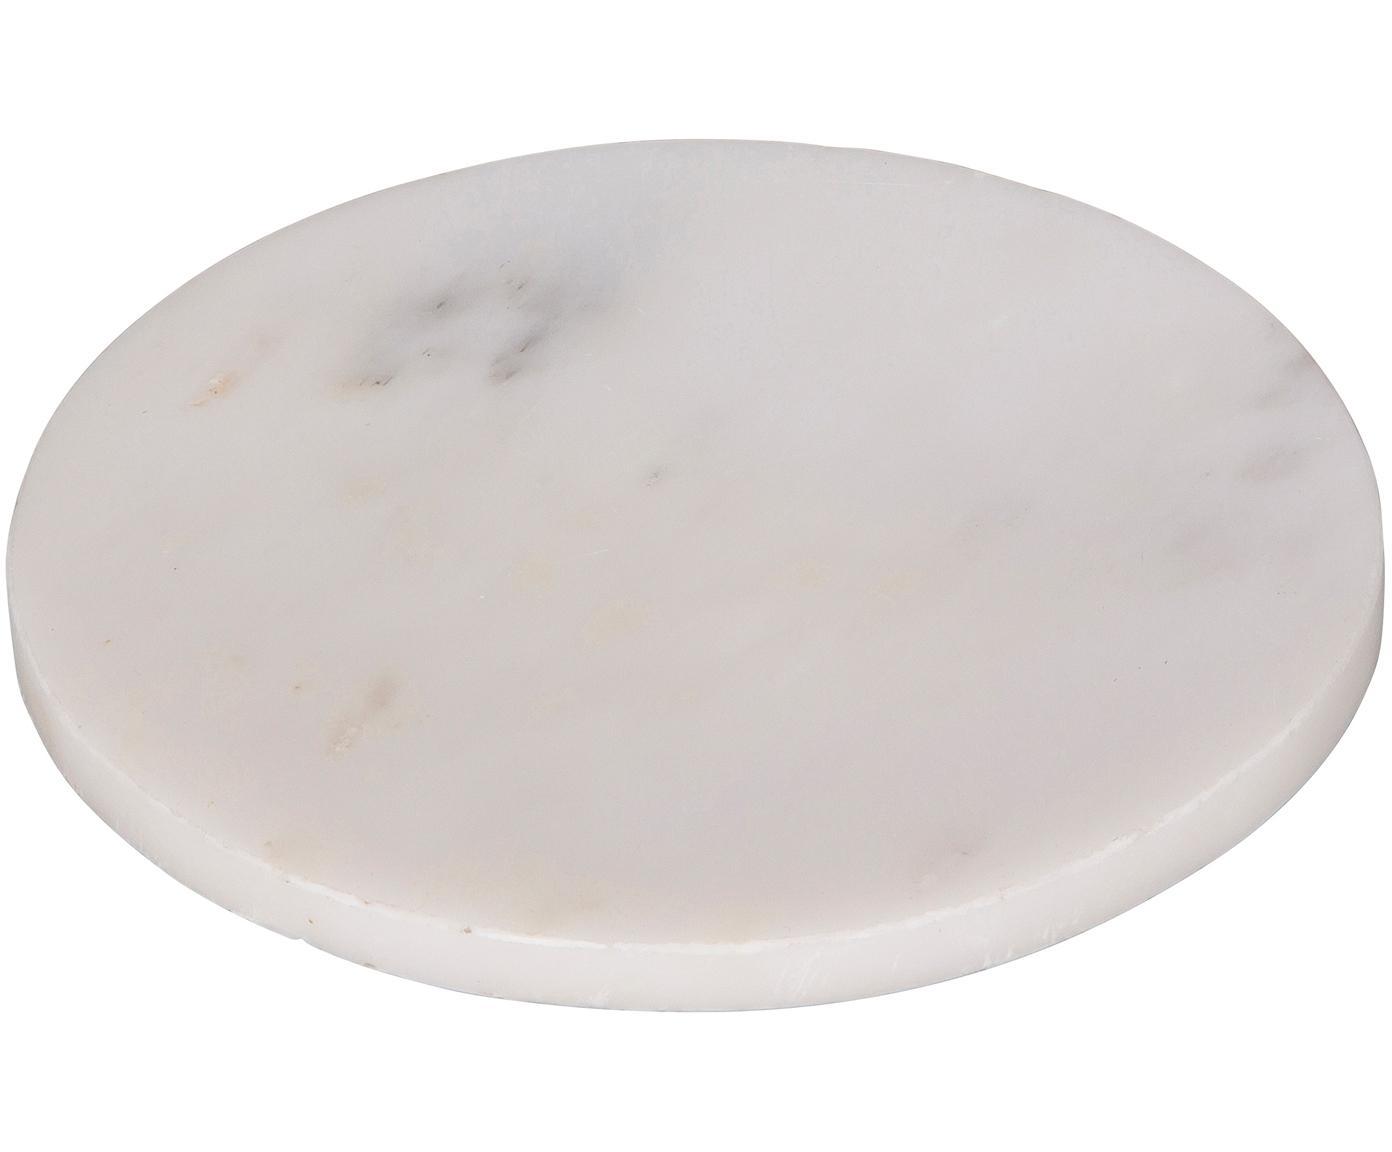 Placa de mármol Marble, Mármol, Blanco, Ø 15 cm